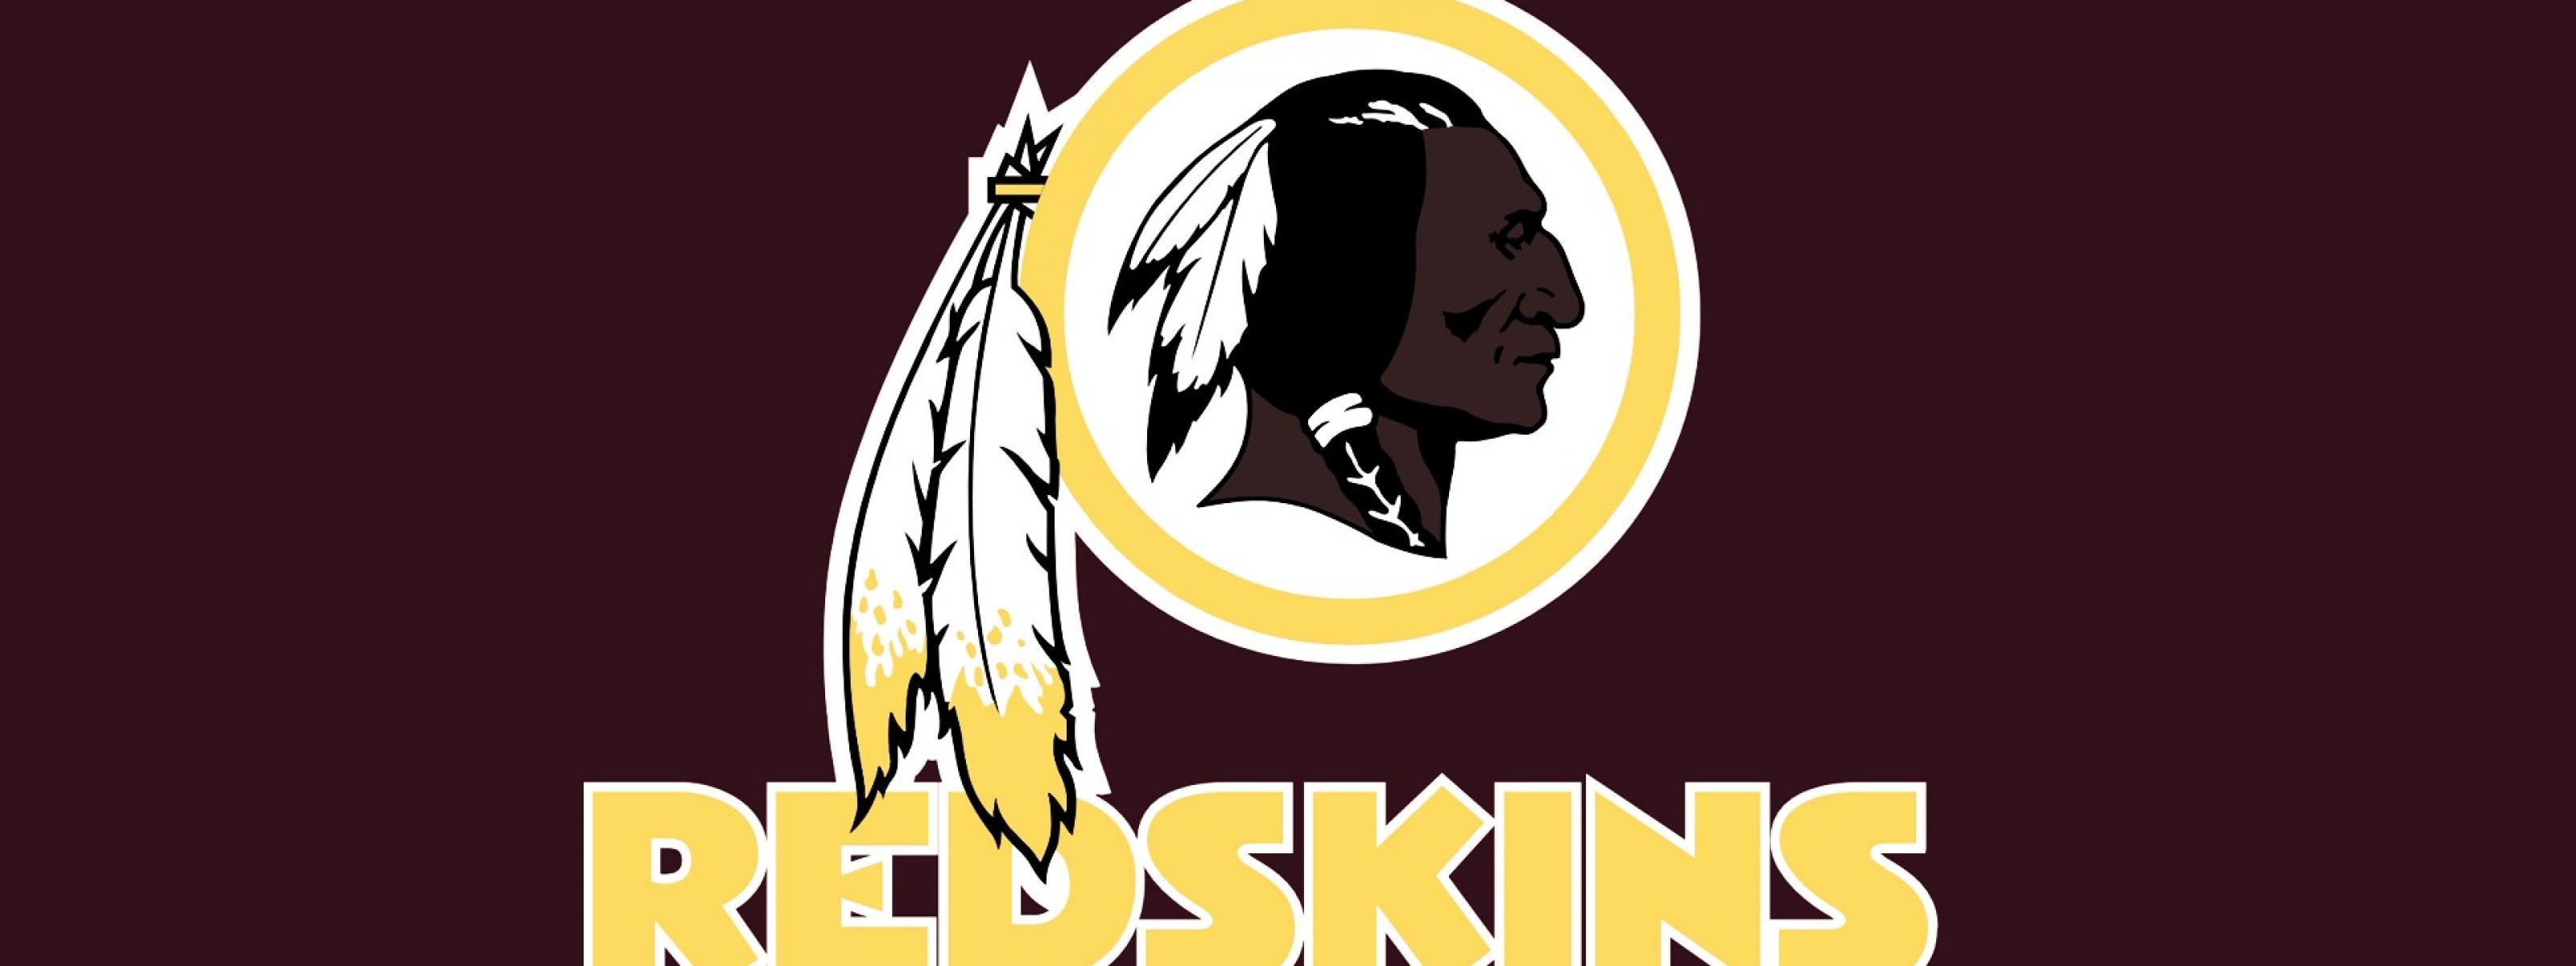 Washington Redskins wallpaper desktop image Washington Redskins 3200x1200